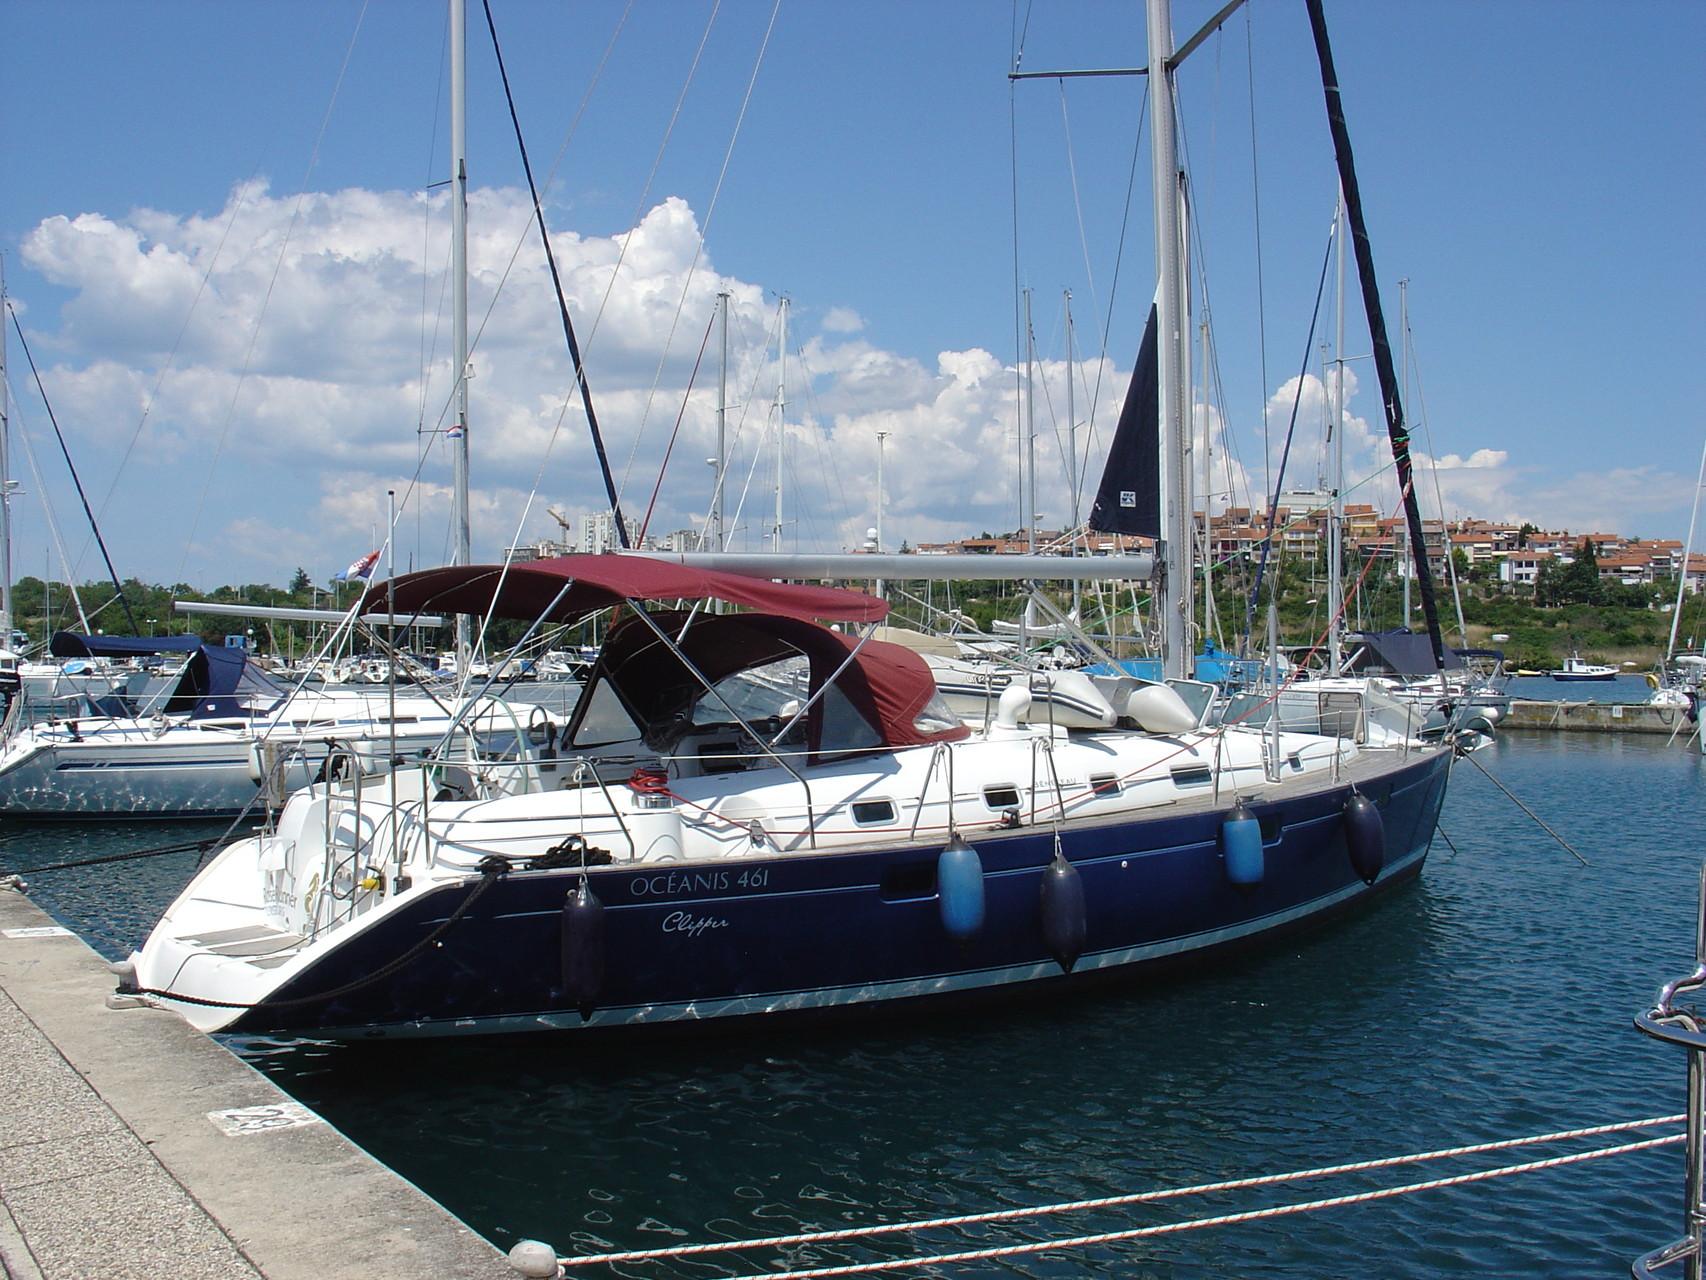 Sailing yacht: OCEANIS 461 (RoseRunner)